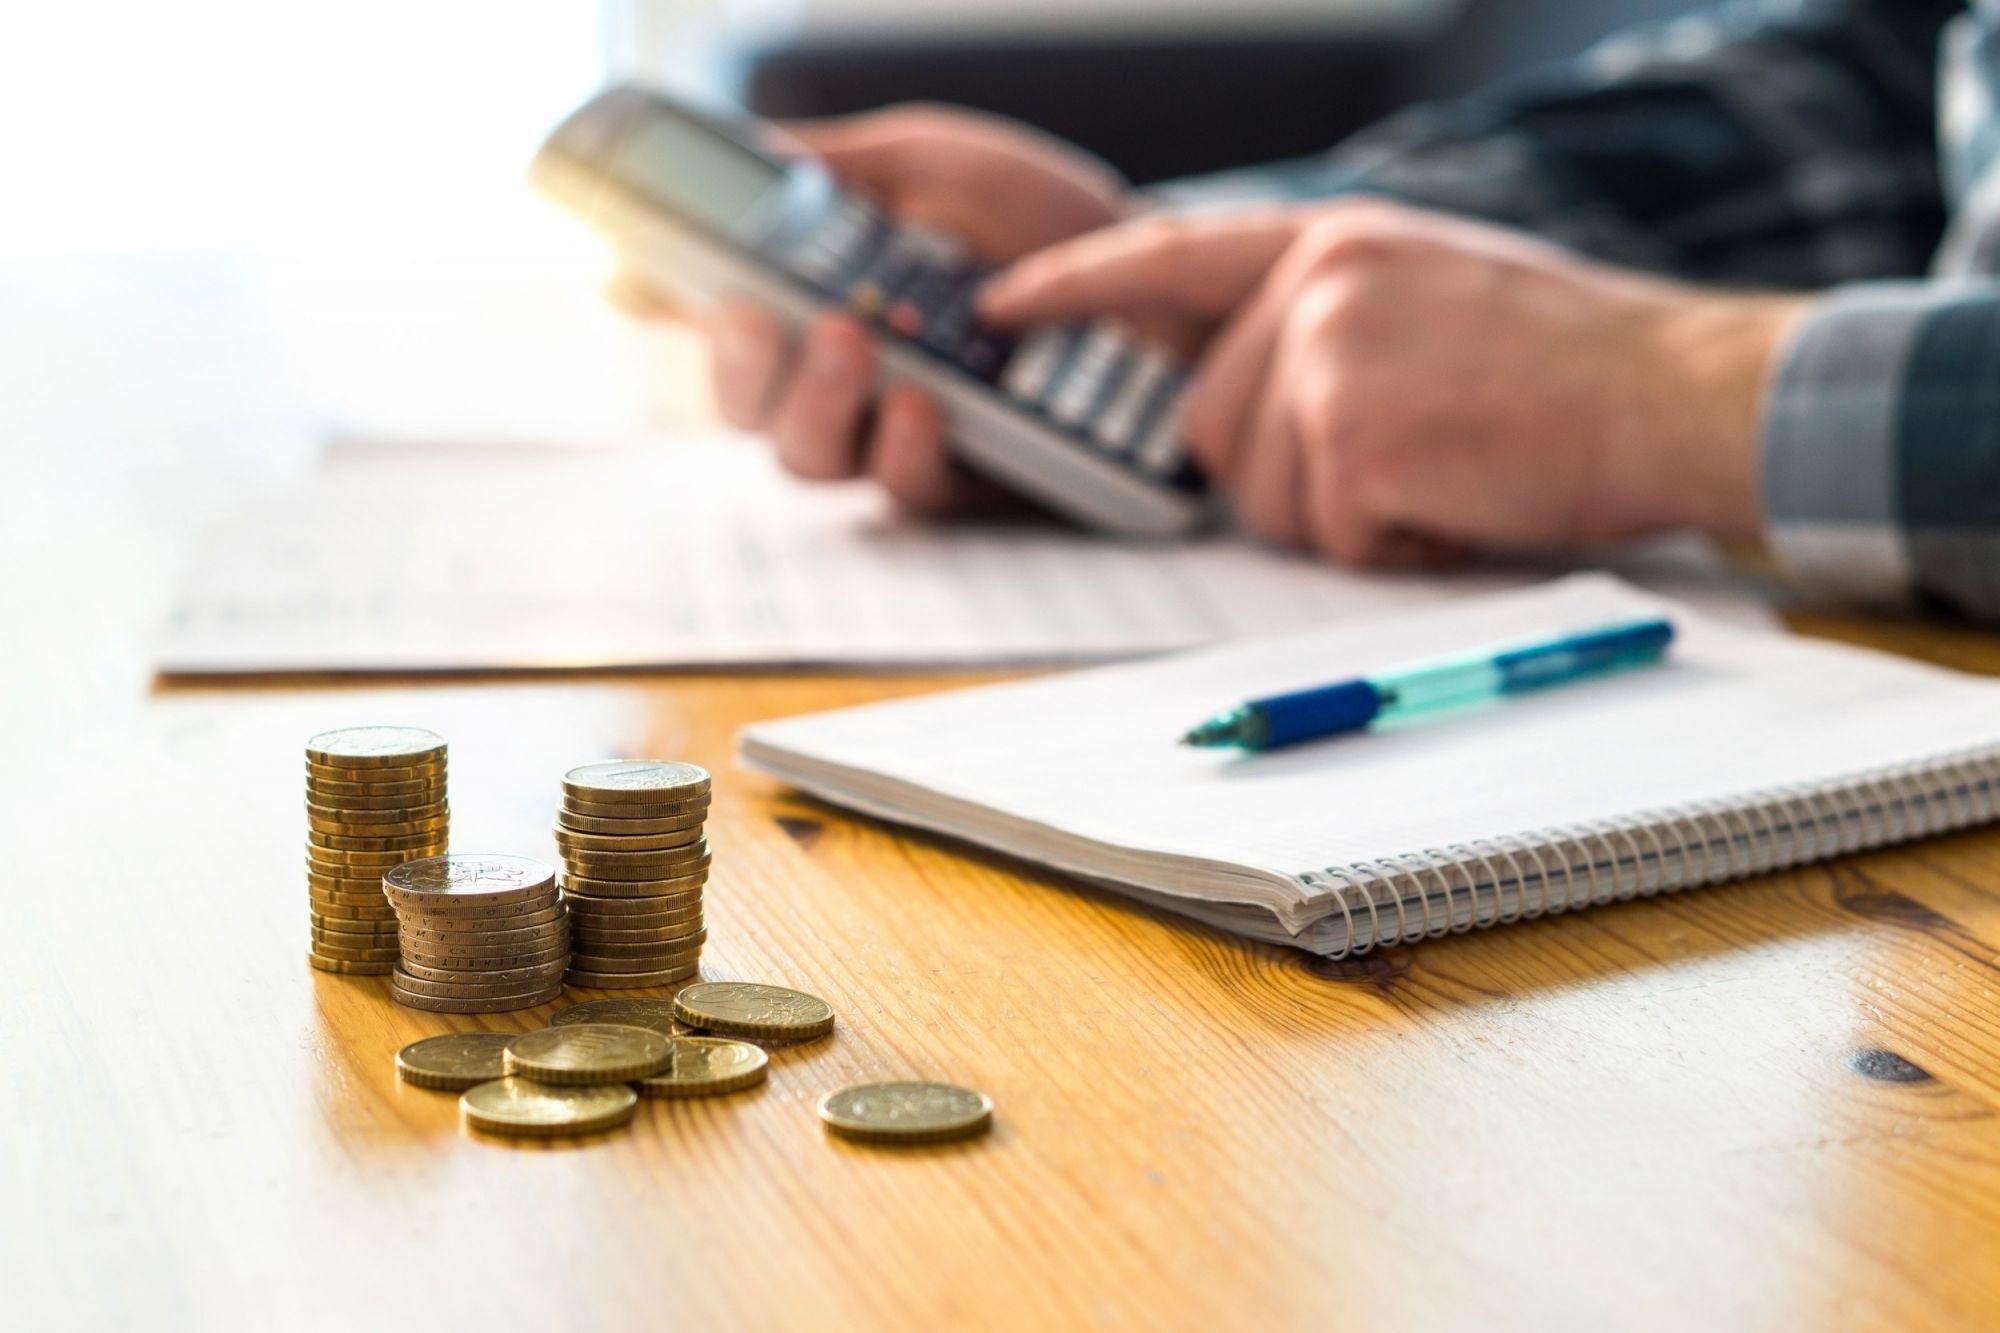 سرمایه لازم برای راه اندازی استارتاپ